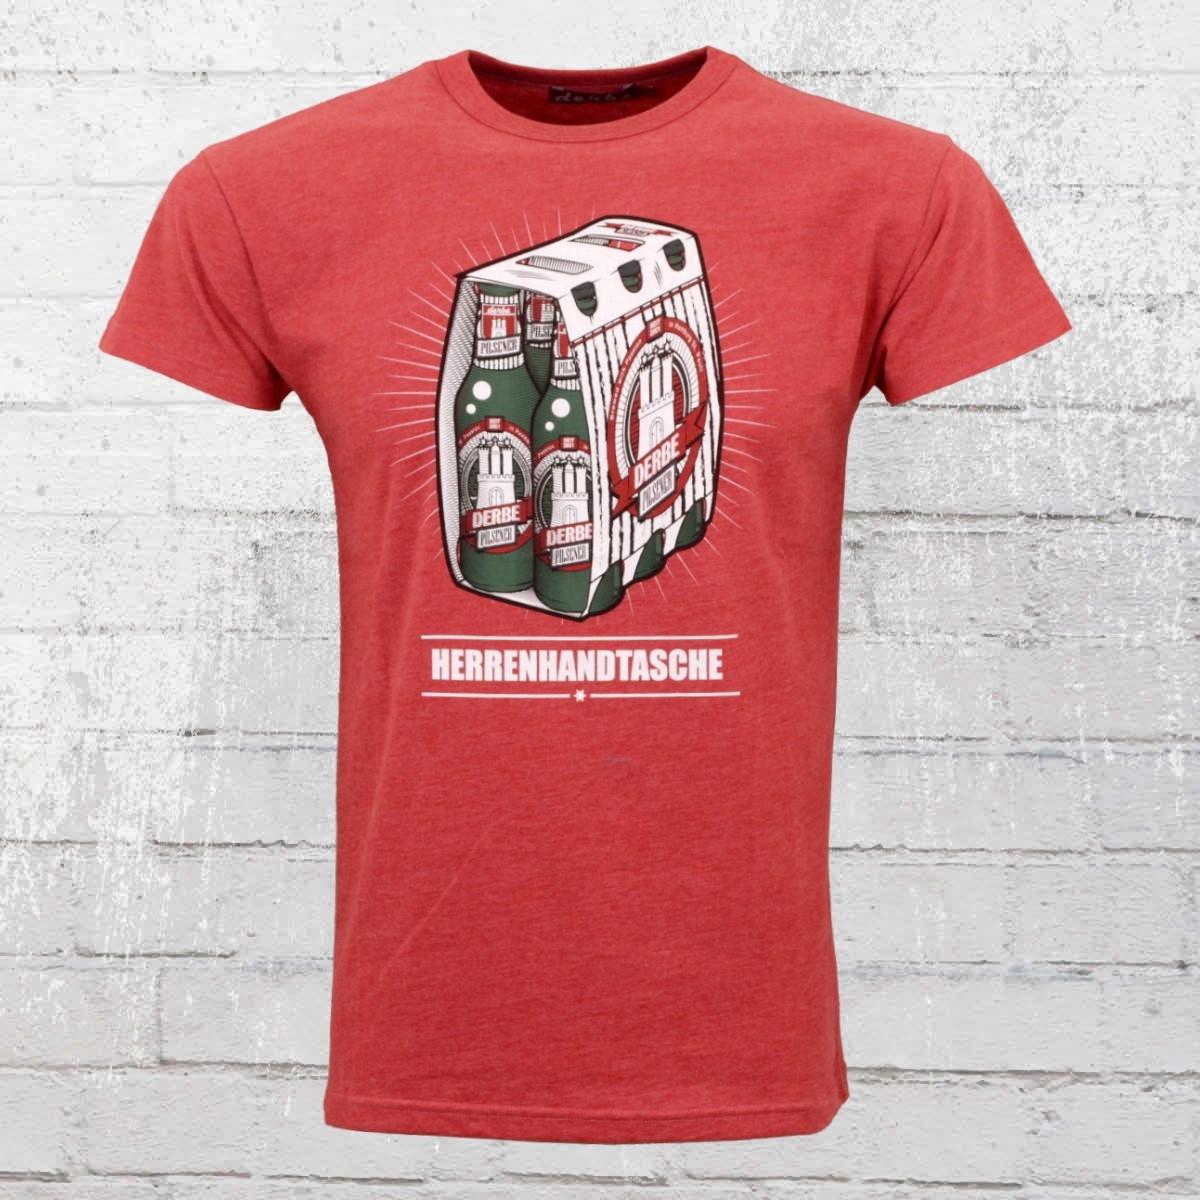 Derbe Männer T-Shirt Herrenhandtasche Reloded rot